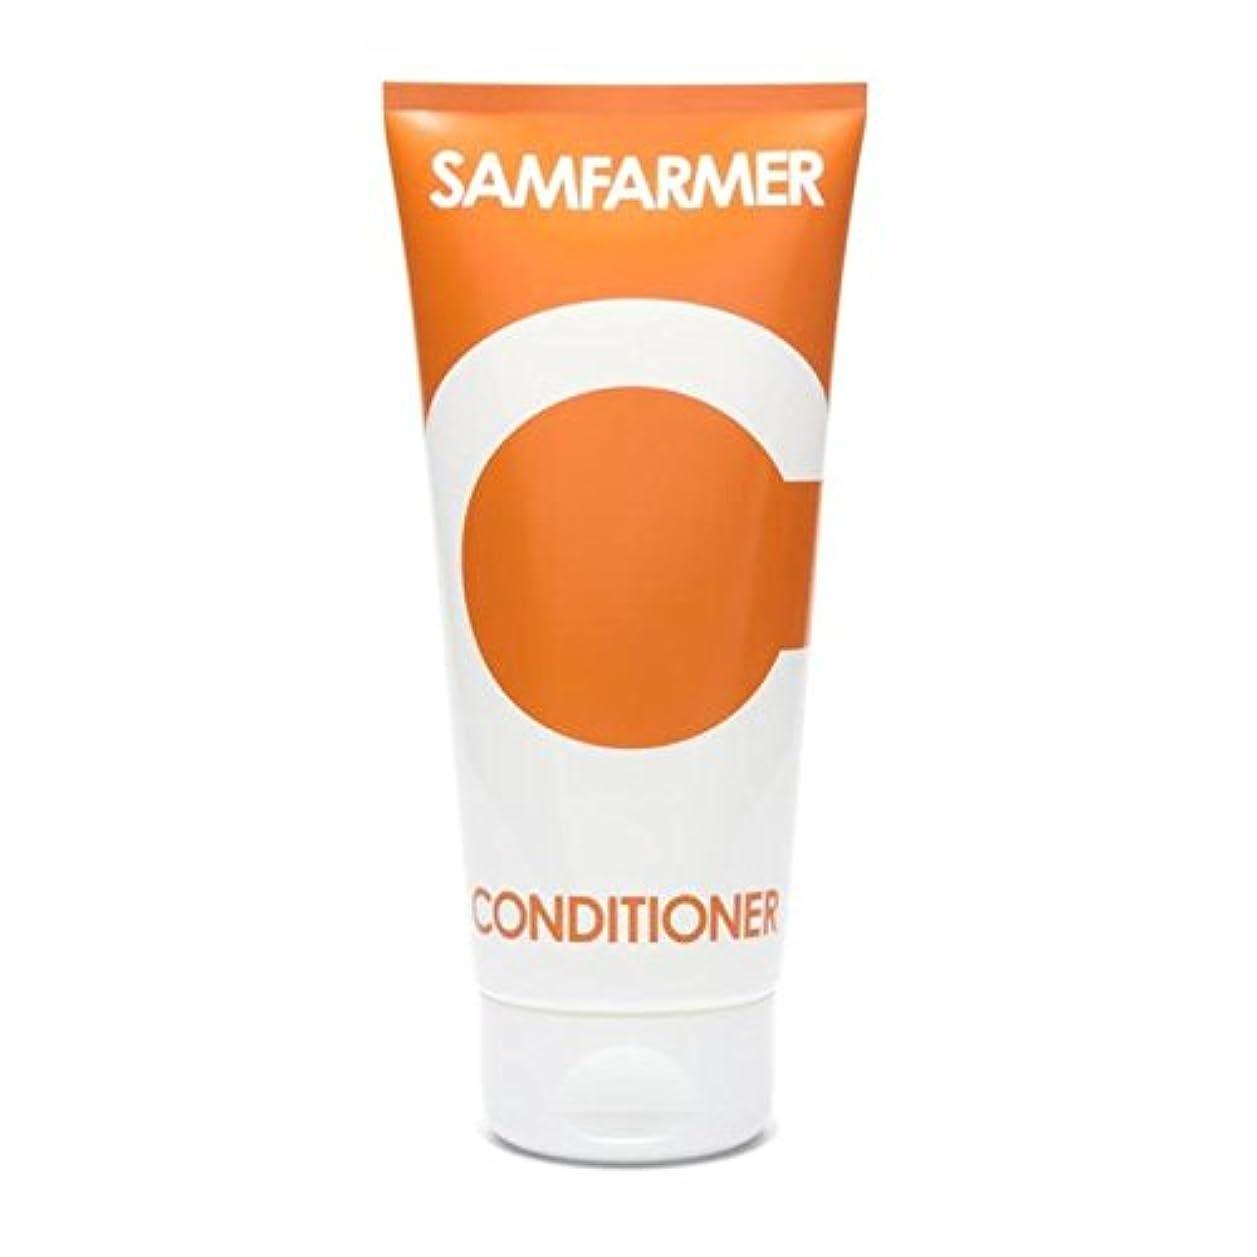 完璧なタップ遅滞ユニセックスコンディショナー200 x2 - SAMFARMER Unisex Conditioner 200ml (Pack of 2) [並行輸入品]